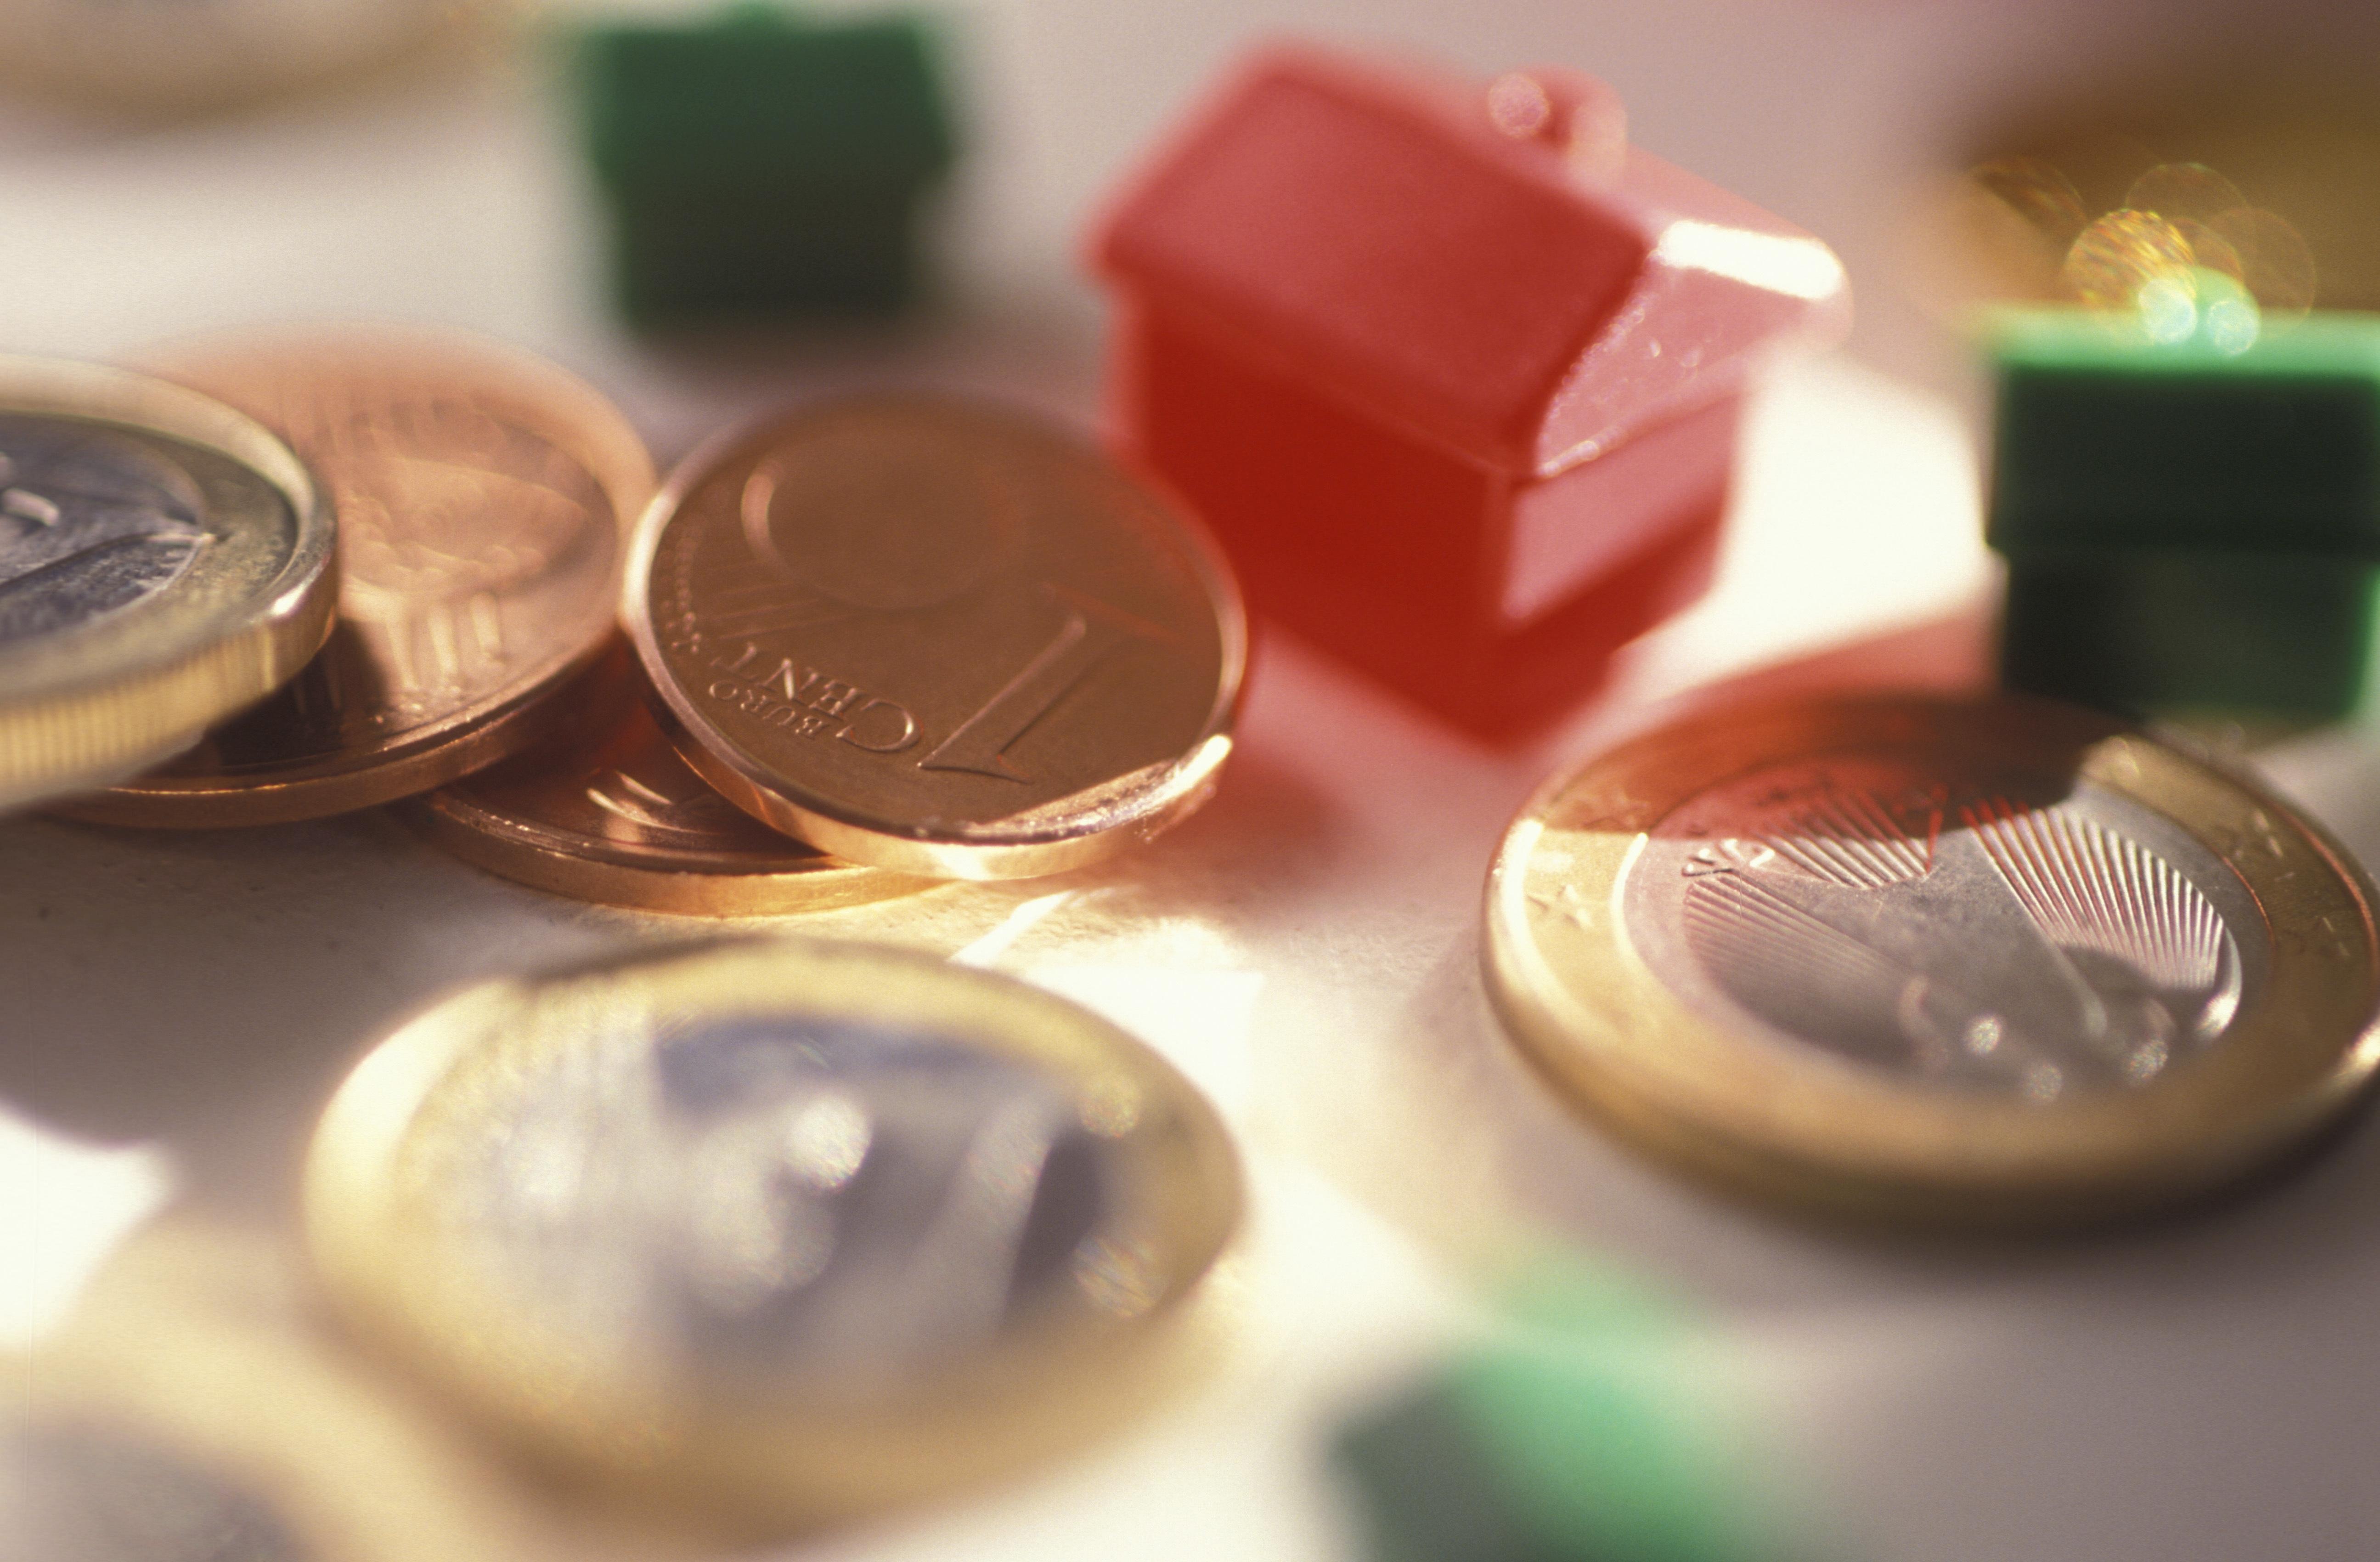 la mayoría de las hipotecas incorporan algún seguro